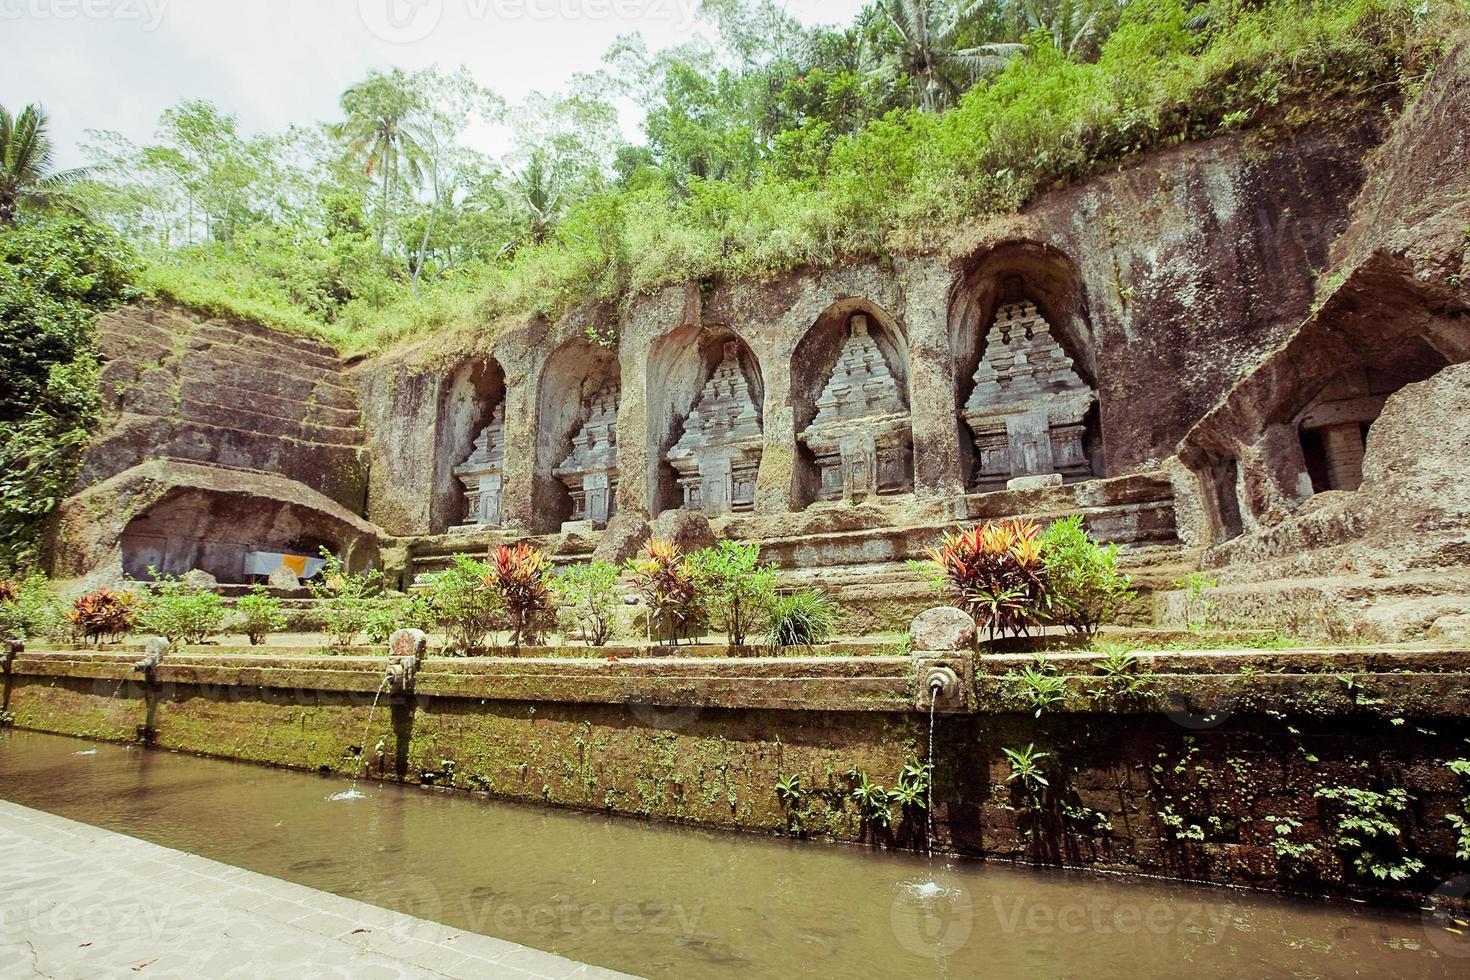 Gunung kawi temple in Bali photo